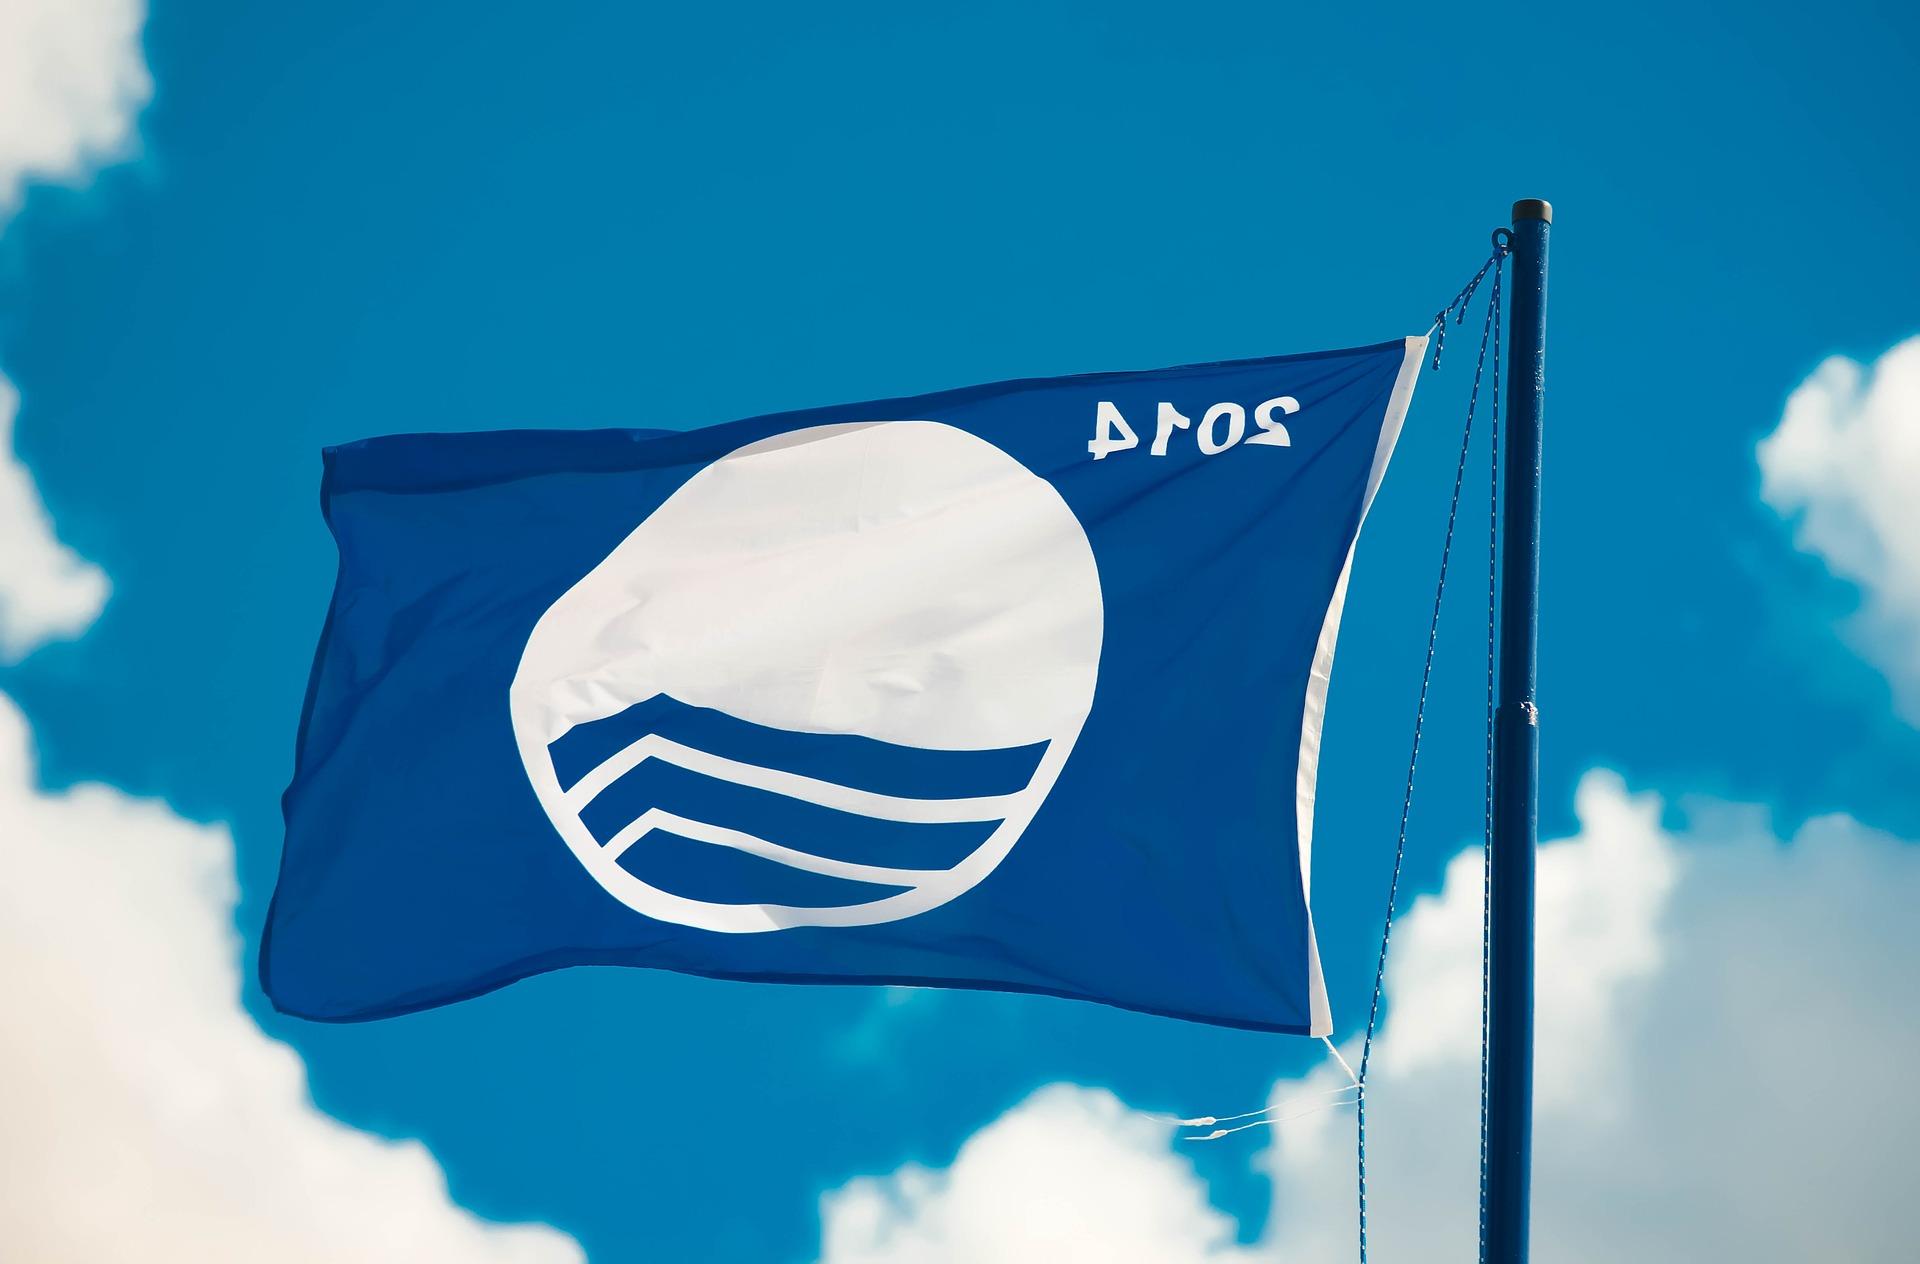 Strände mit Blauer Flagge